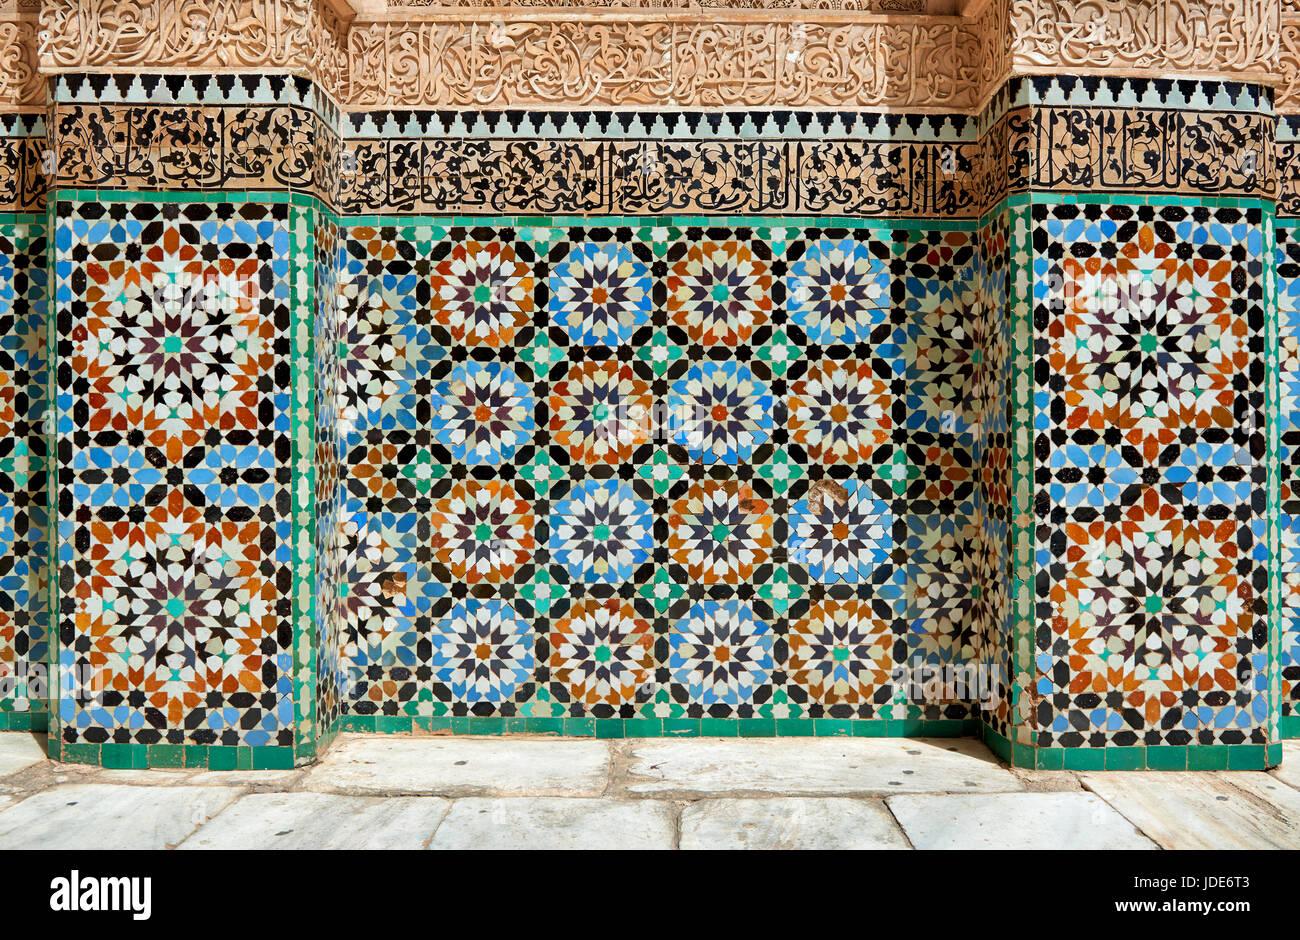 Piastrella pattern nella scuola islamica medersa ben youssef